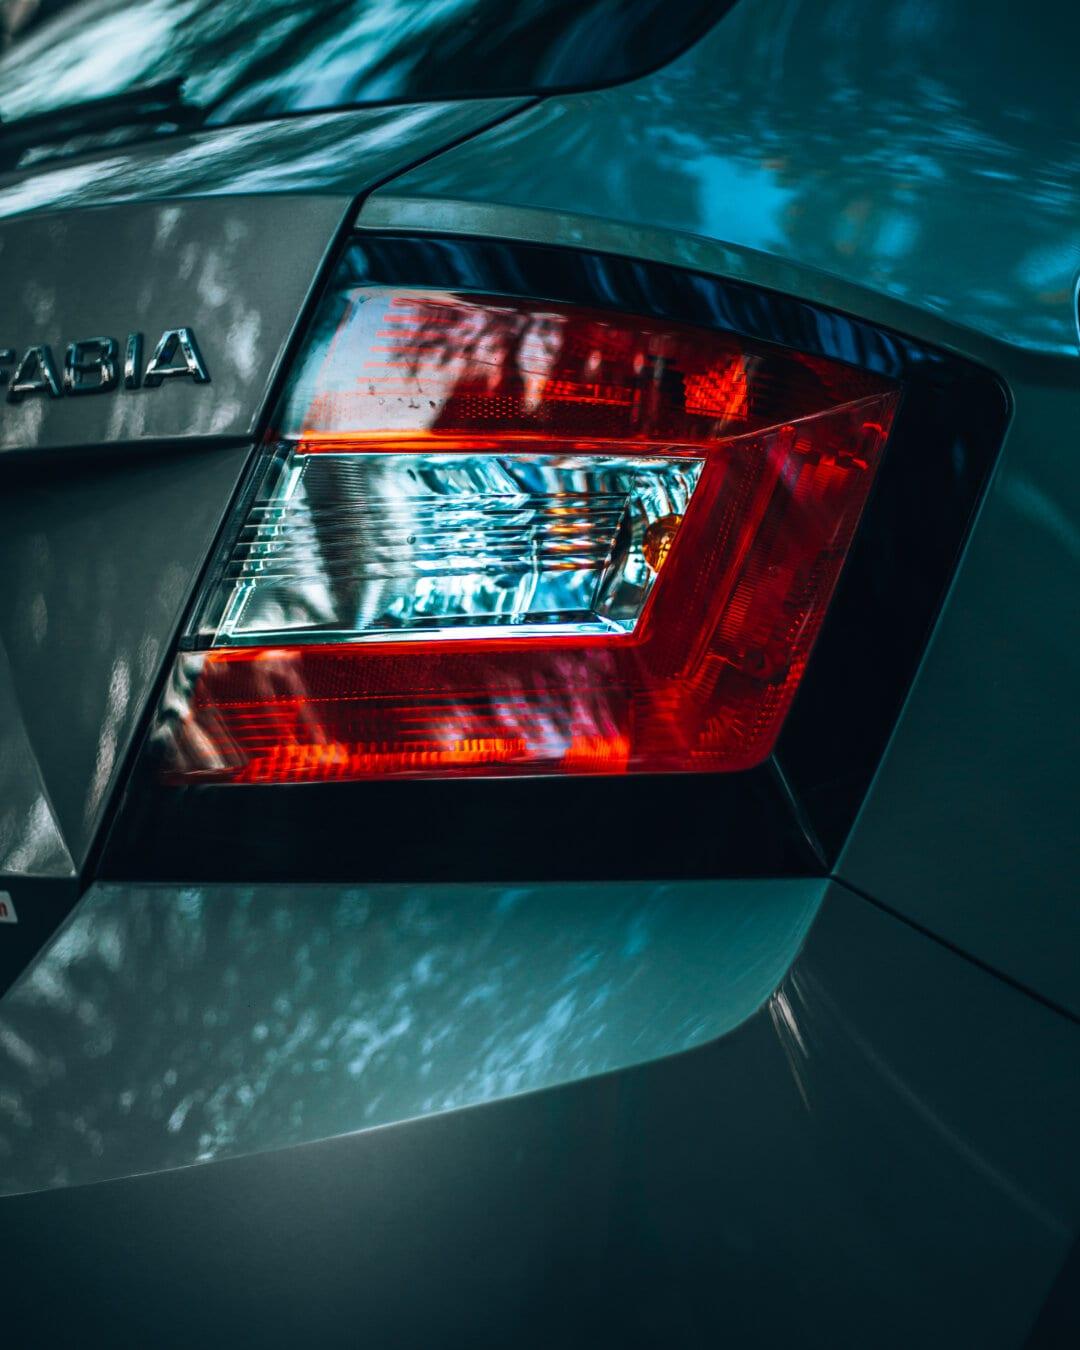 バンパー, Skoda, 光, 金属, ダイオード, 反射, 車, 明るい, 技術, シャイニング ・